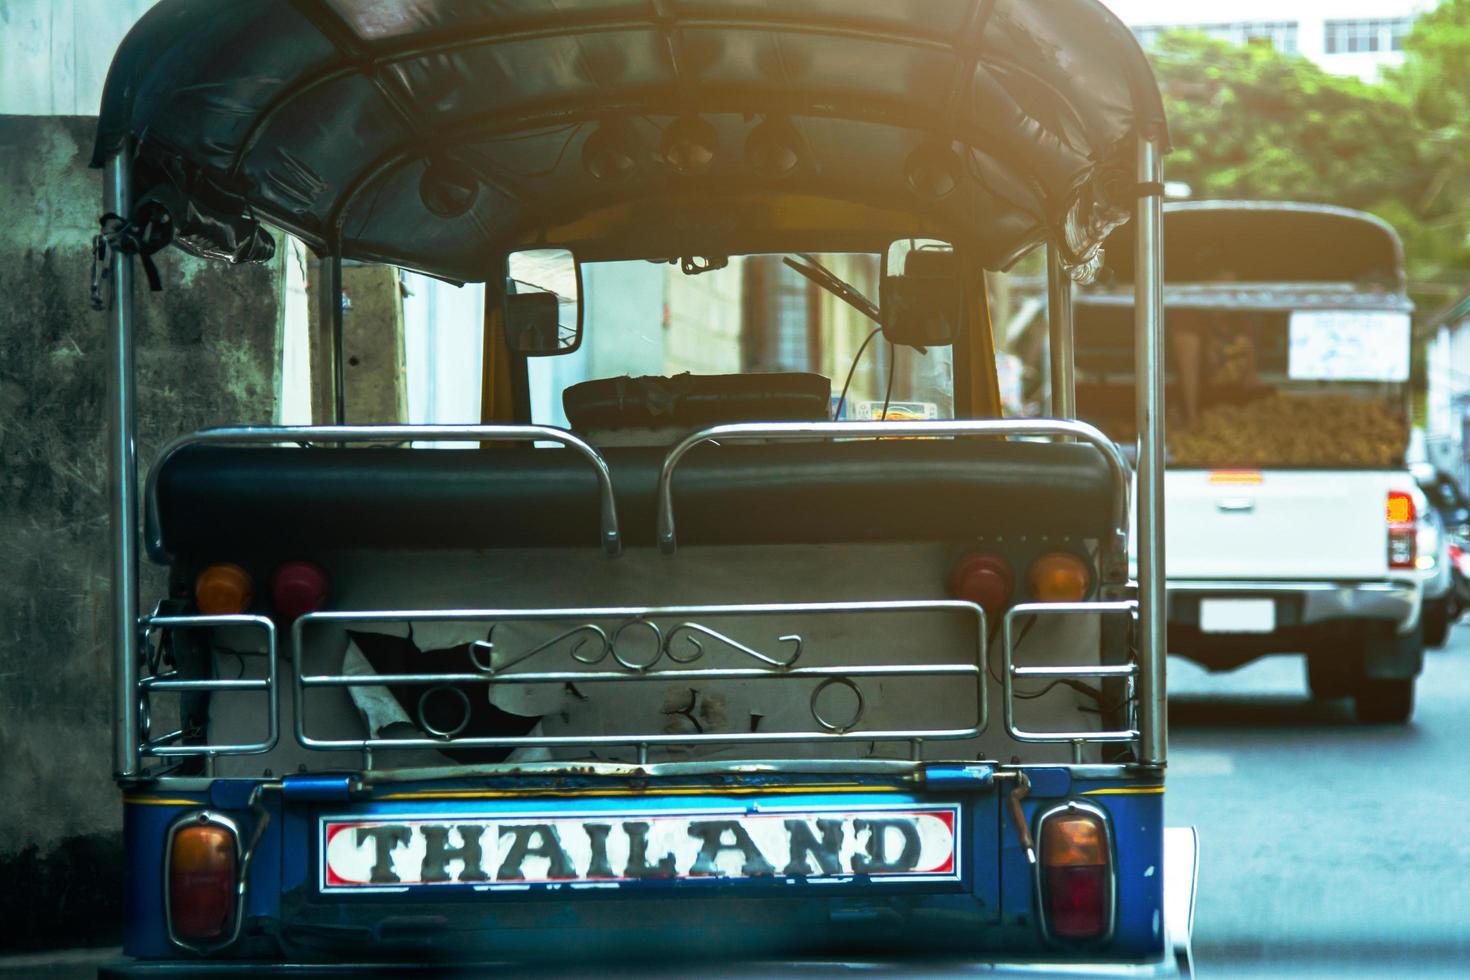 Auto rickshaw in Thailand photo